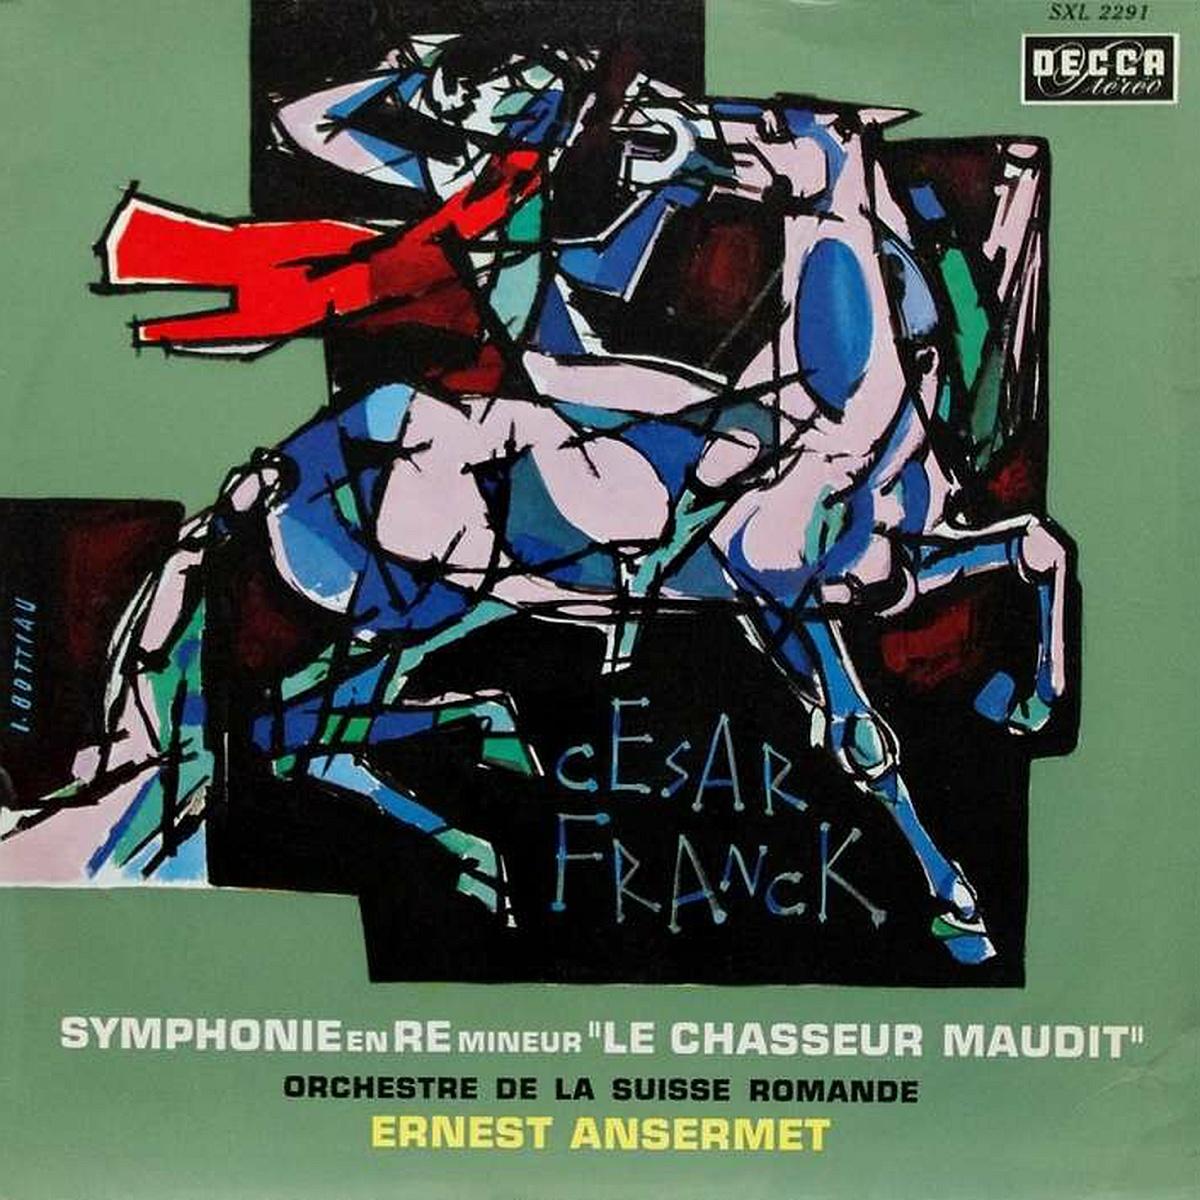 Recto d'une édition française de la pochette du disque Decca SXL 2291, graphisme de Ivan Bottiau, cliquer pour plus d'infos